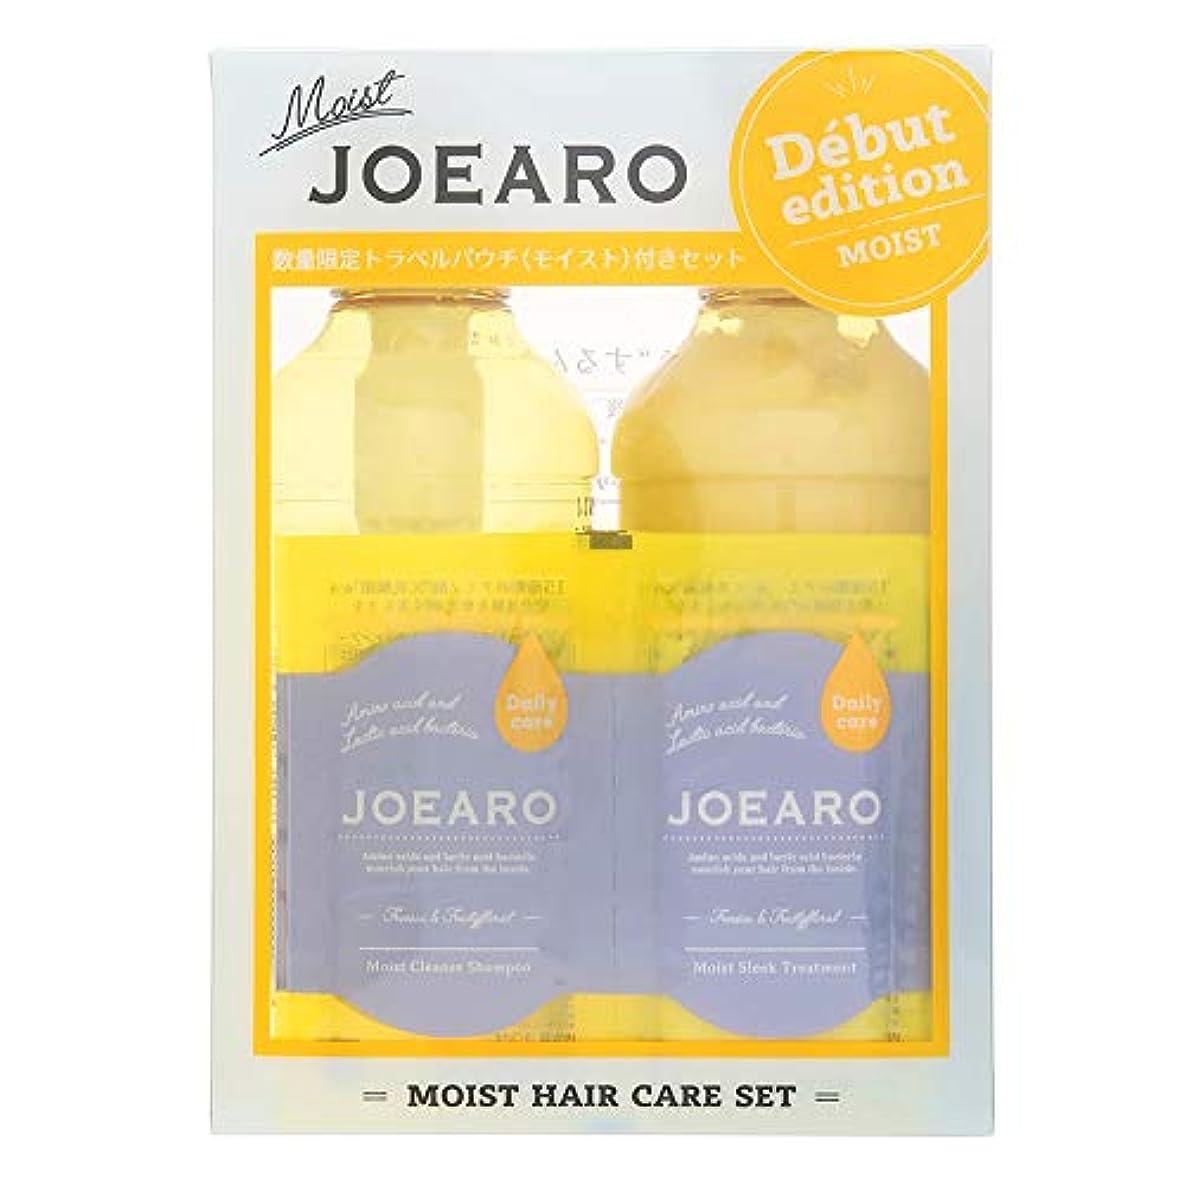 酸っぱい組立抽出JOEARO(ジョアーロ) JOEARO ジョアーロ シャンプー&トリートメント &ltMoist/モイスト> 数量限定トラベルパウチ付きセット 乳酸菌アミノ酸シャンプー 480ml×2+3回分トラベルパウチ付き